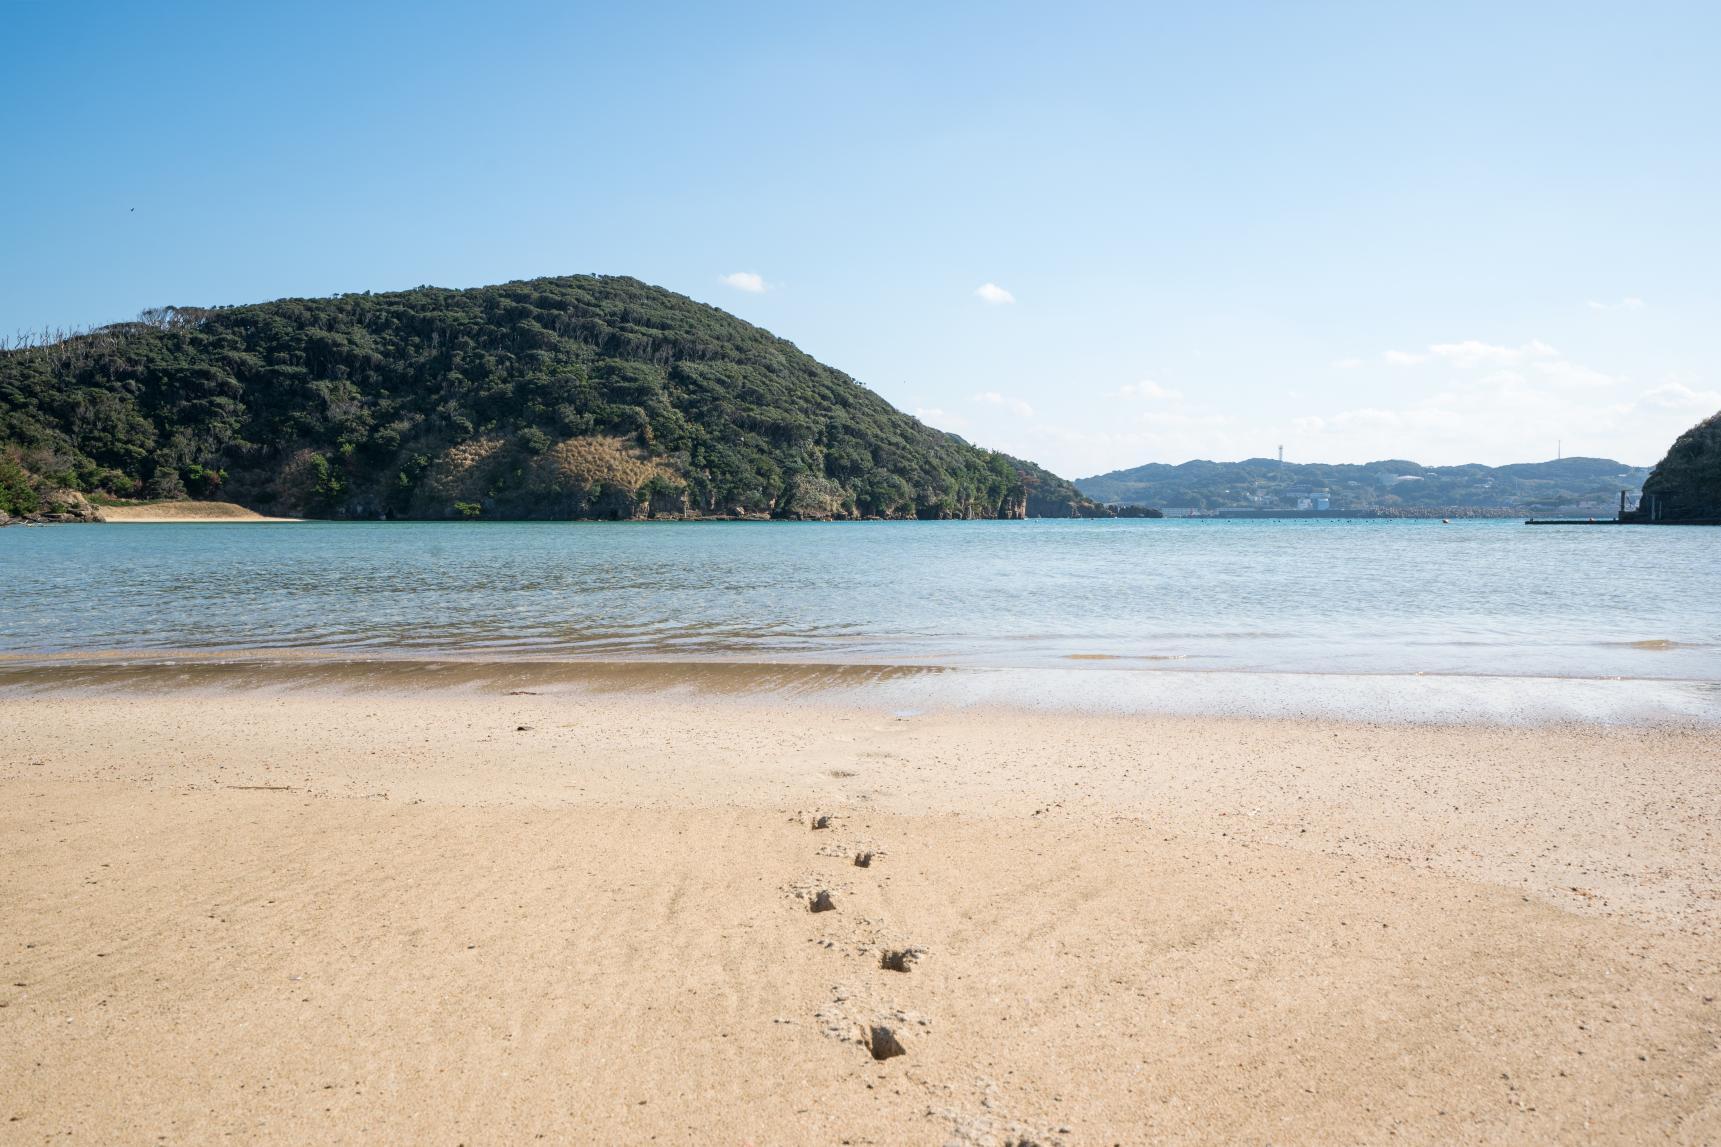 遍布绝美景点的无人岛-0